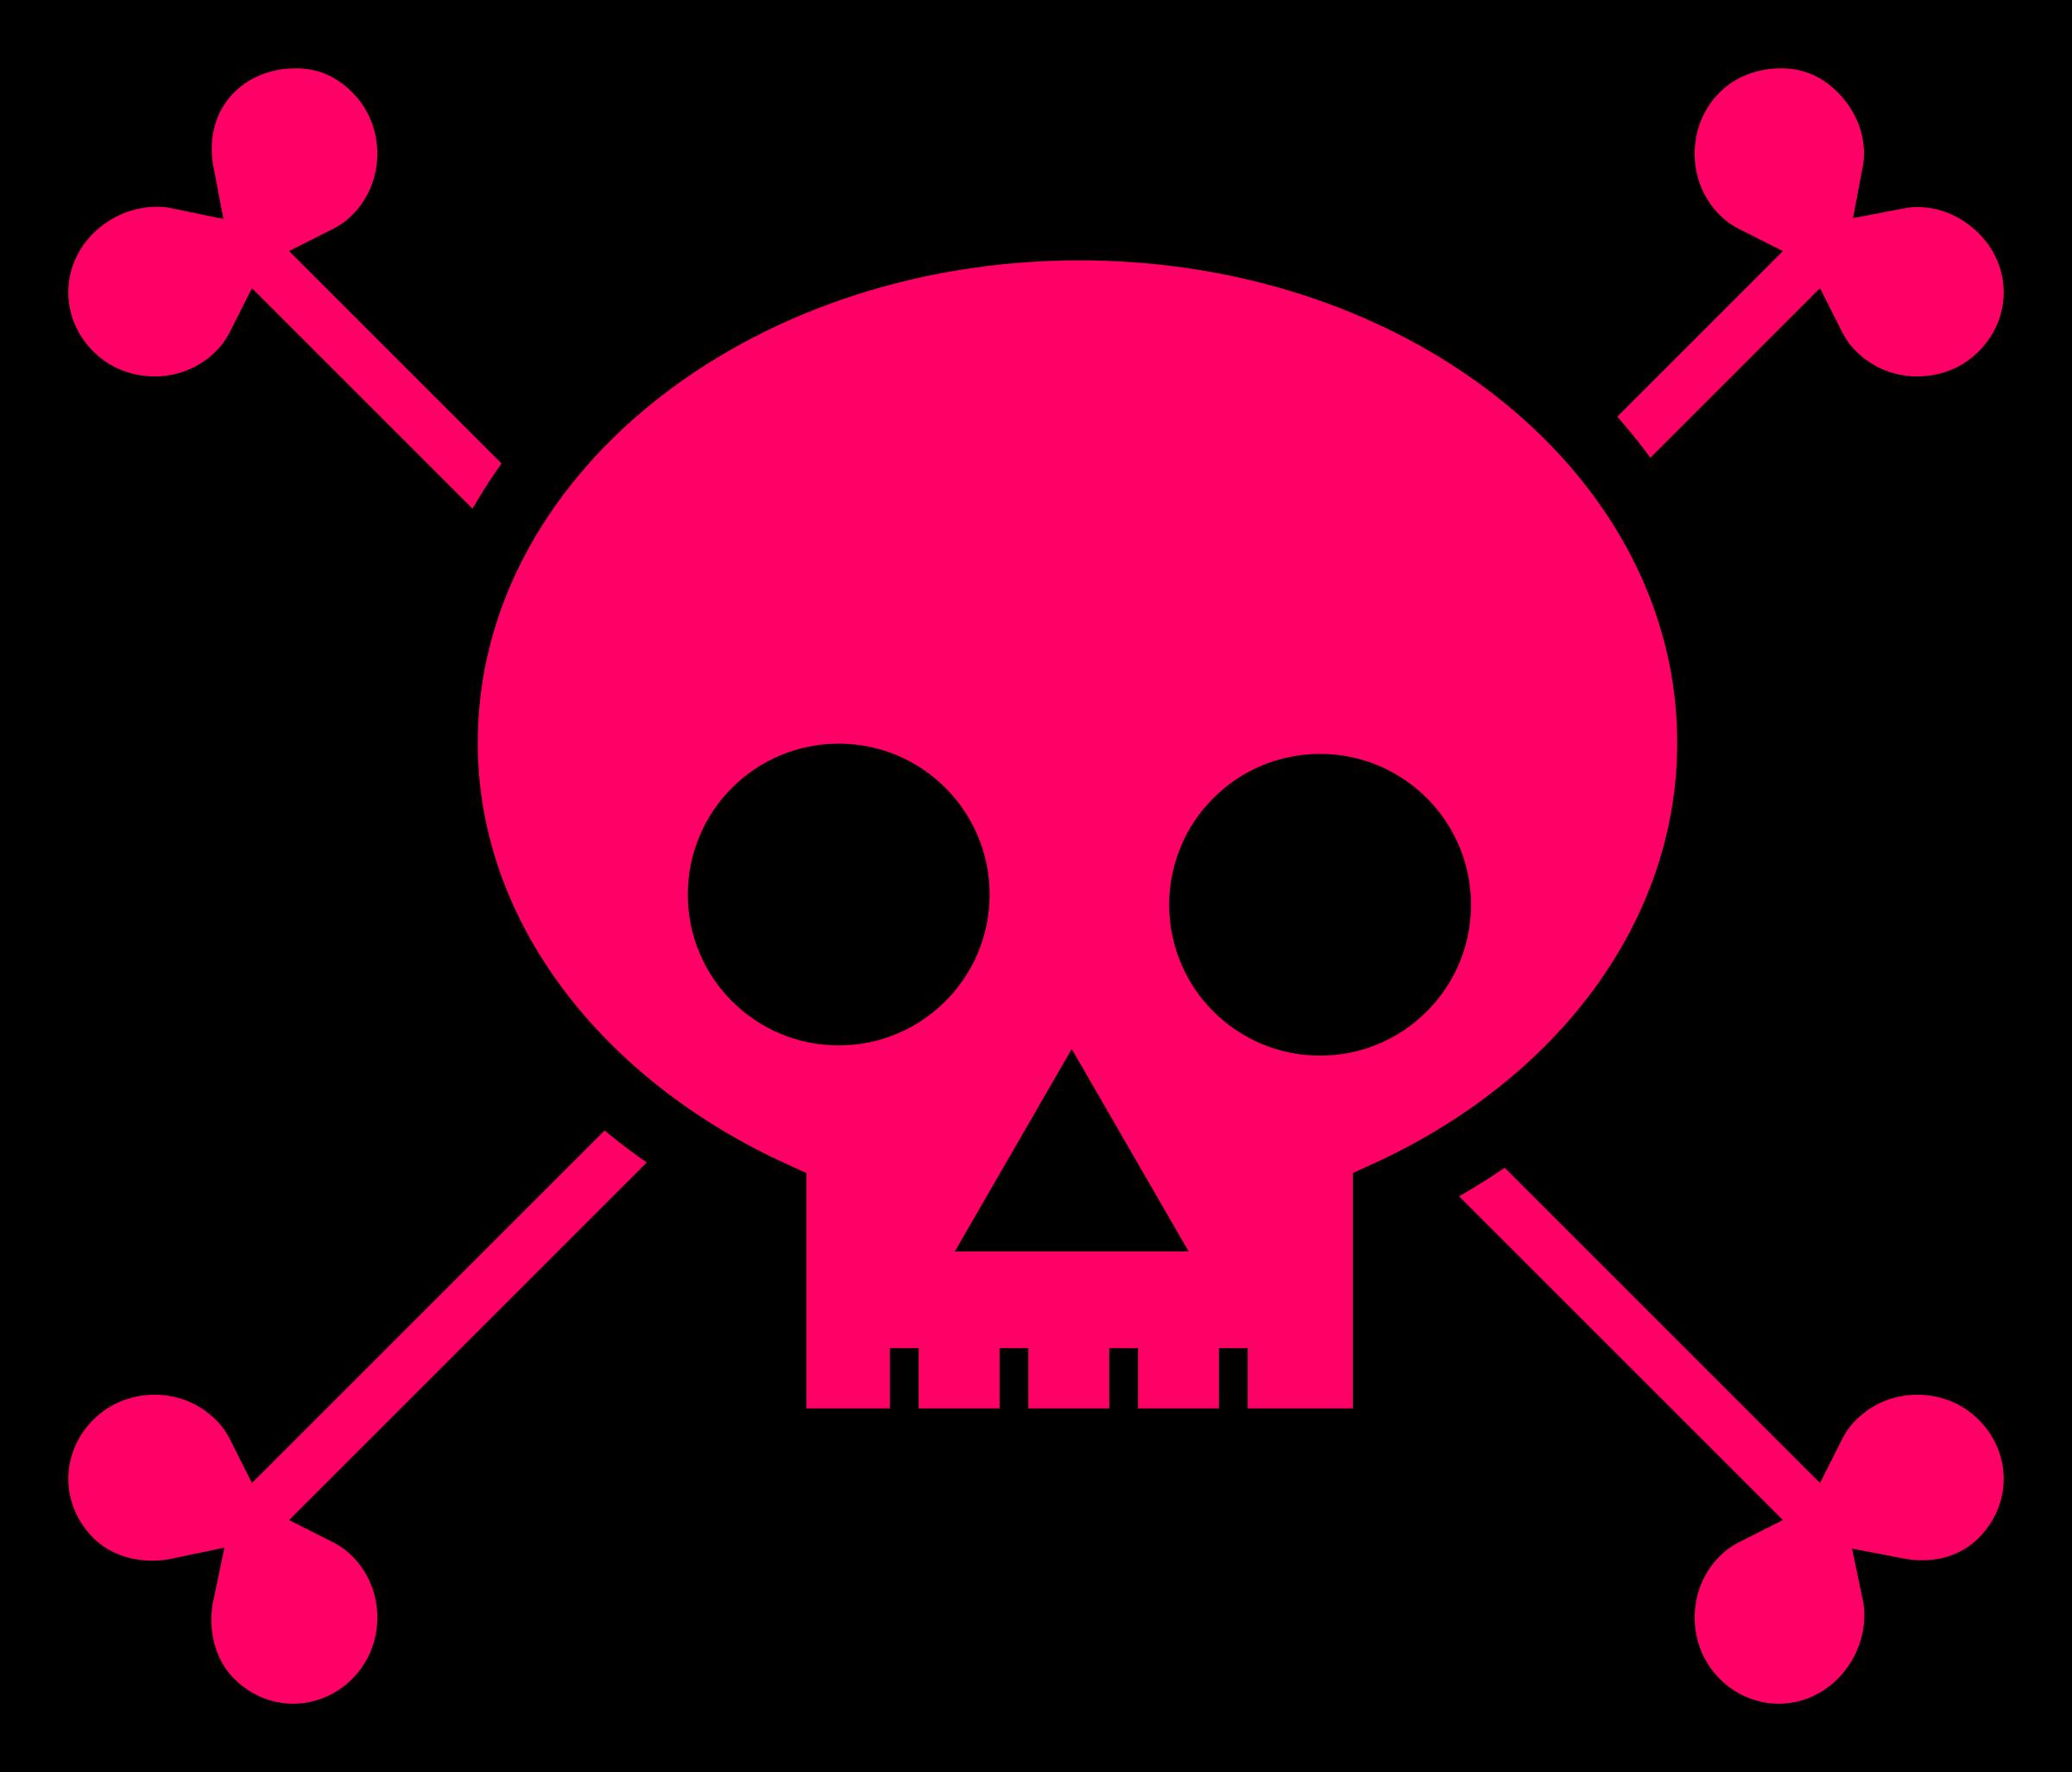 Toxic clipart skull and crossbones Skull Crossbones Pink and Skull